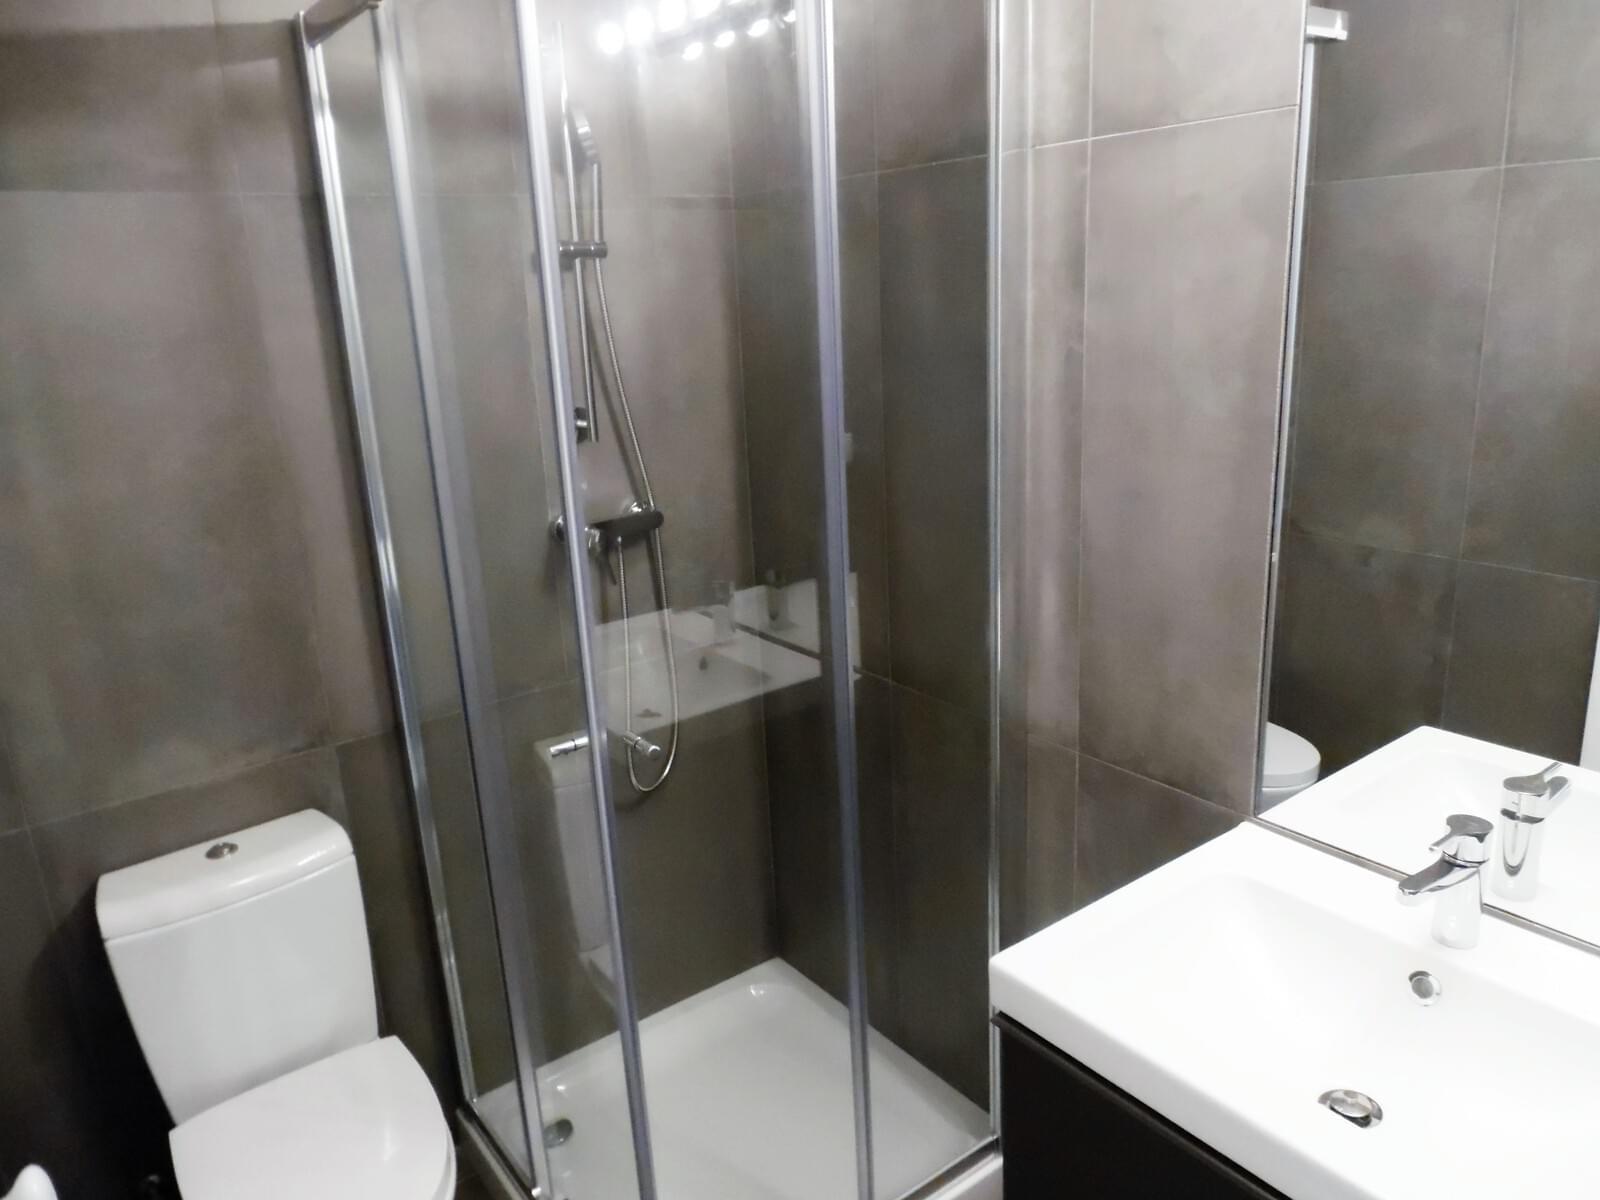 pf17621-apartamento-t4-lisboa-b6b9610c-a4c5-4875-8dff-2cf8aa468228